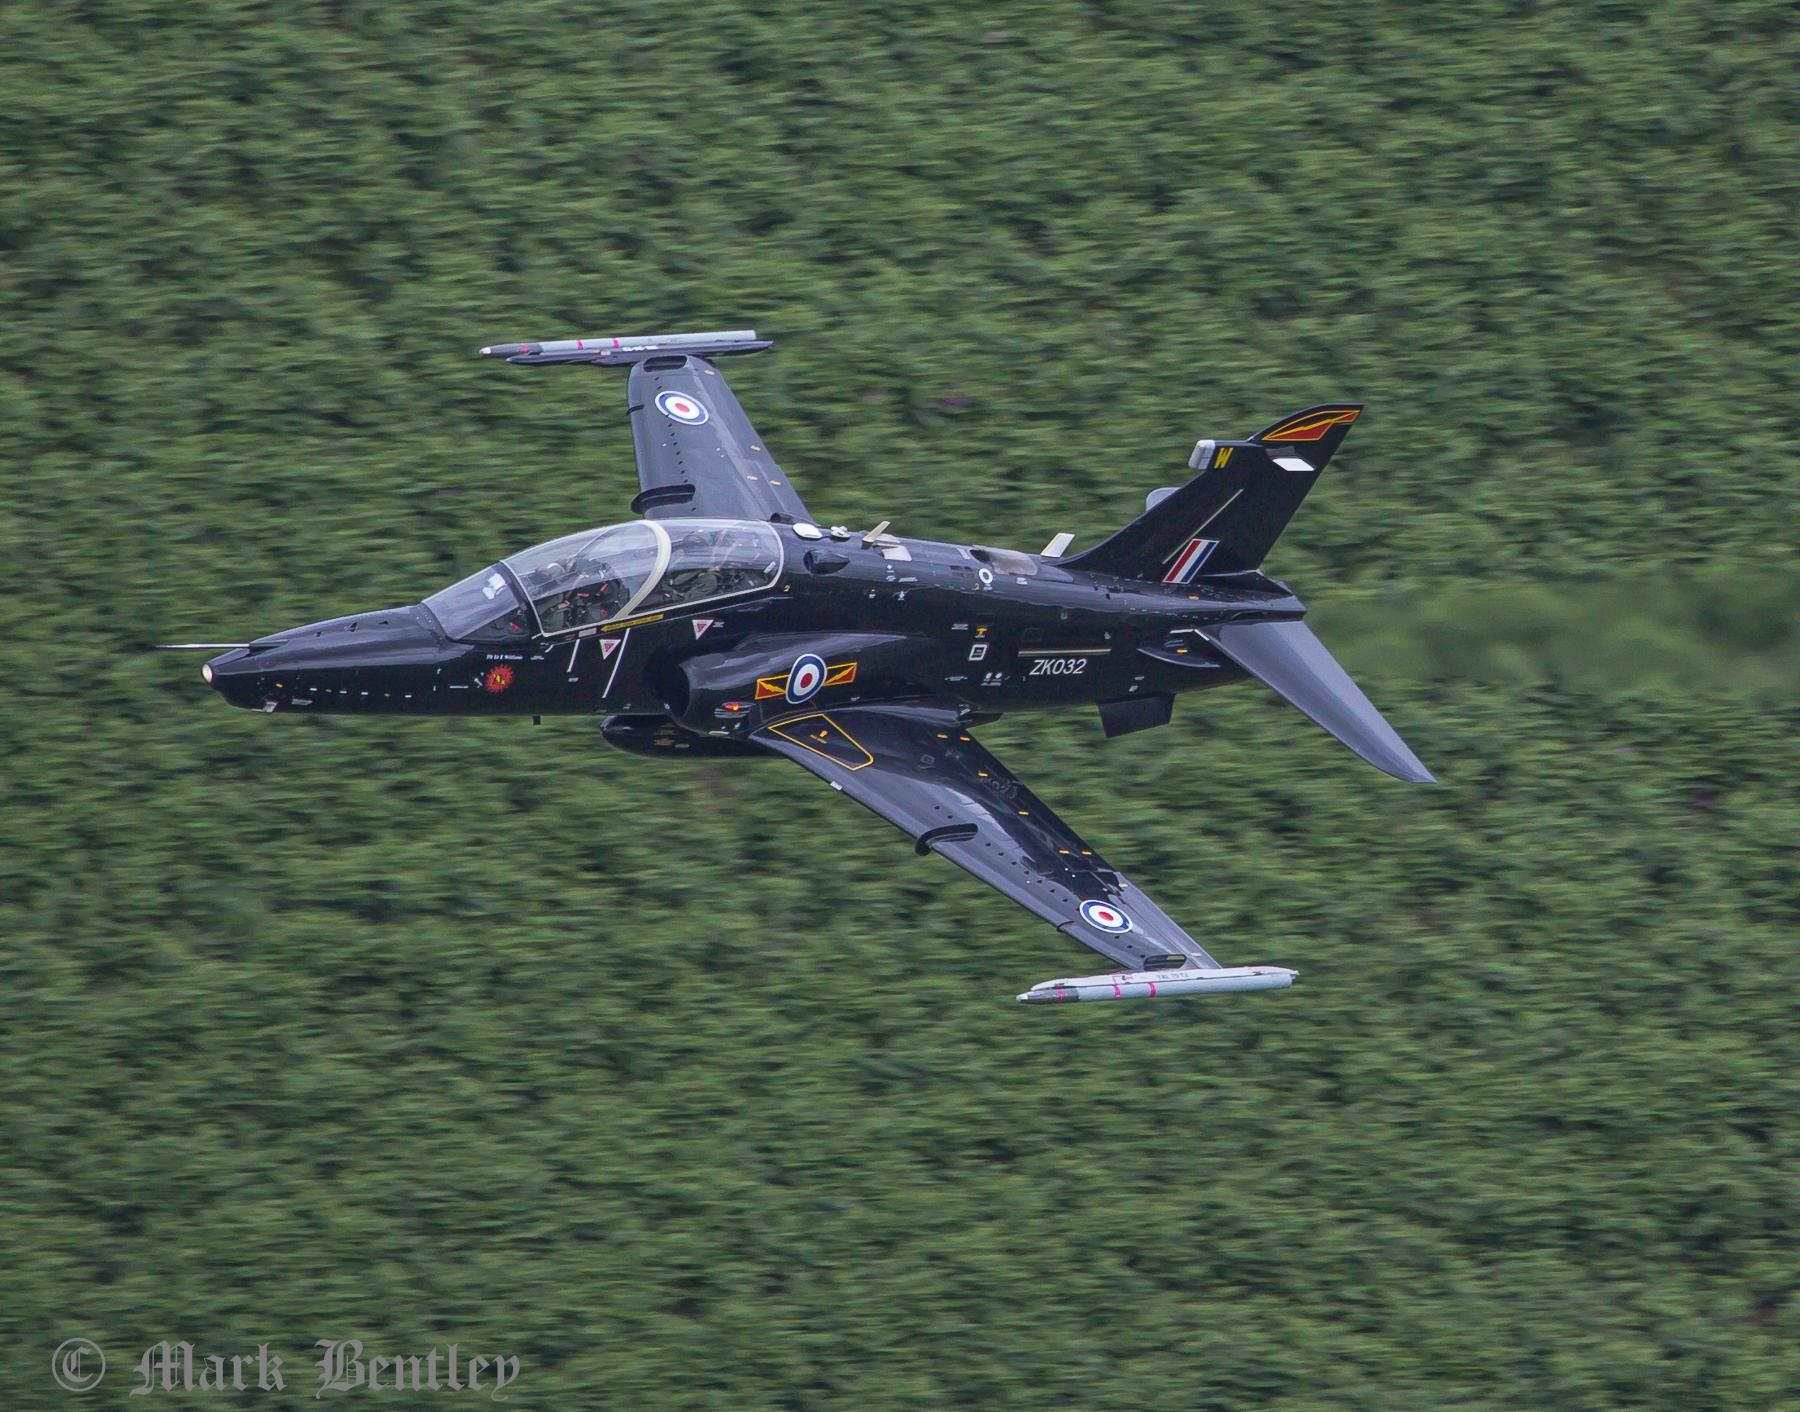 024 RAF Hawk